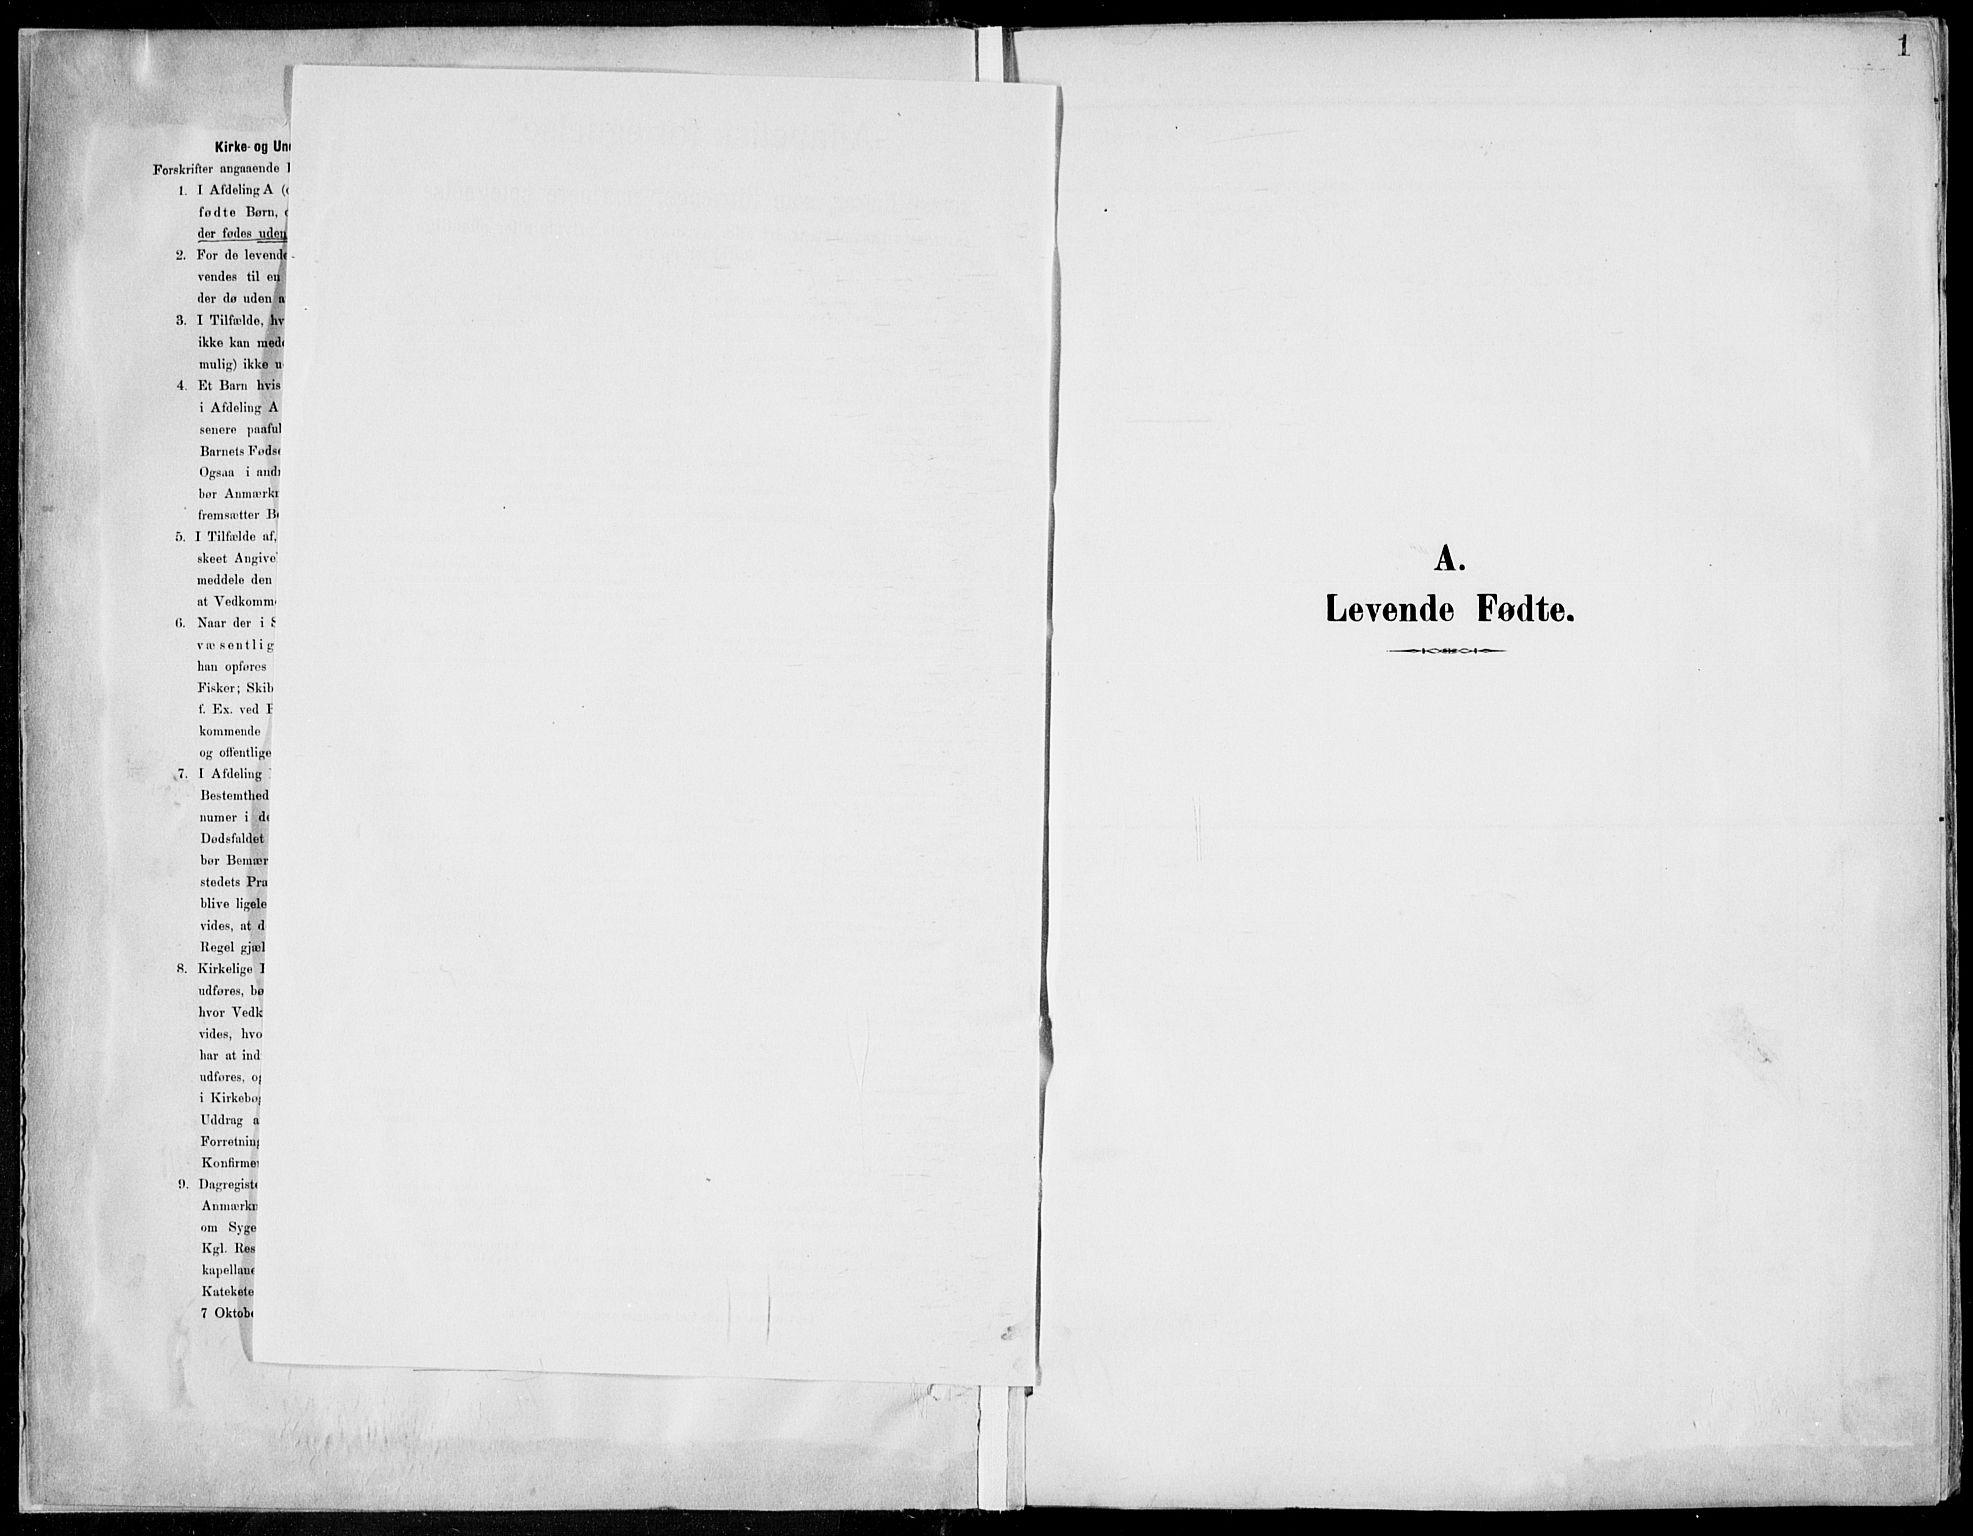 SAKO, Porsgrunn kirkebøker , F/Fa/L0010: Ministerialbok nr. 10, 1895-1919, s. 1